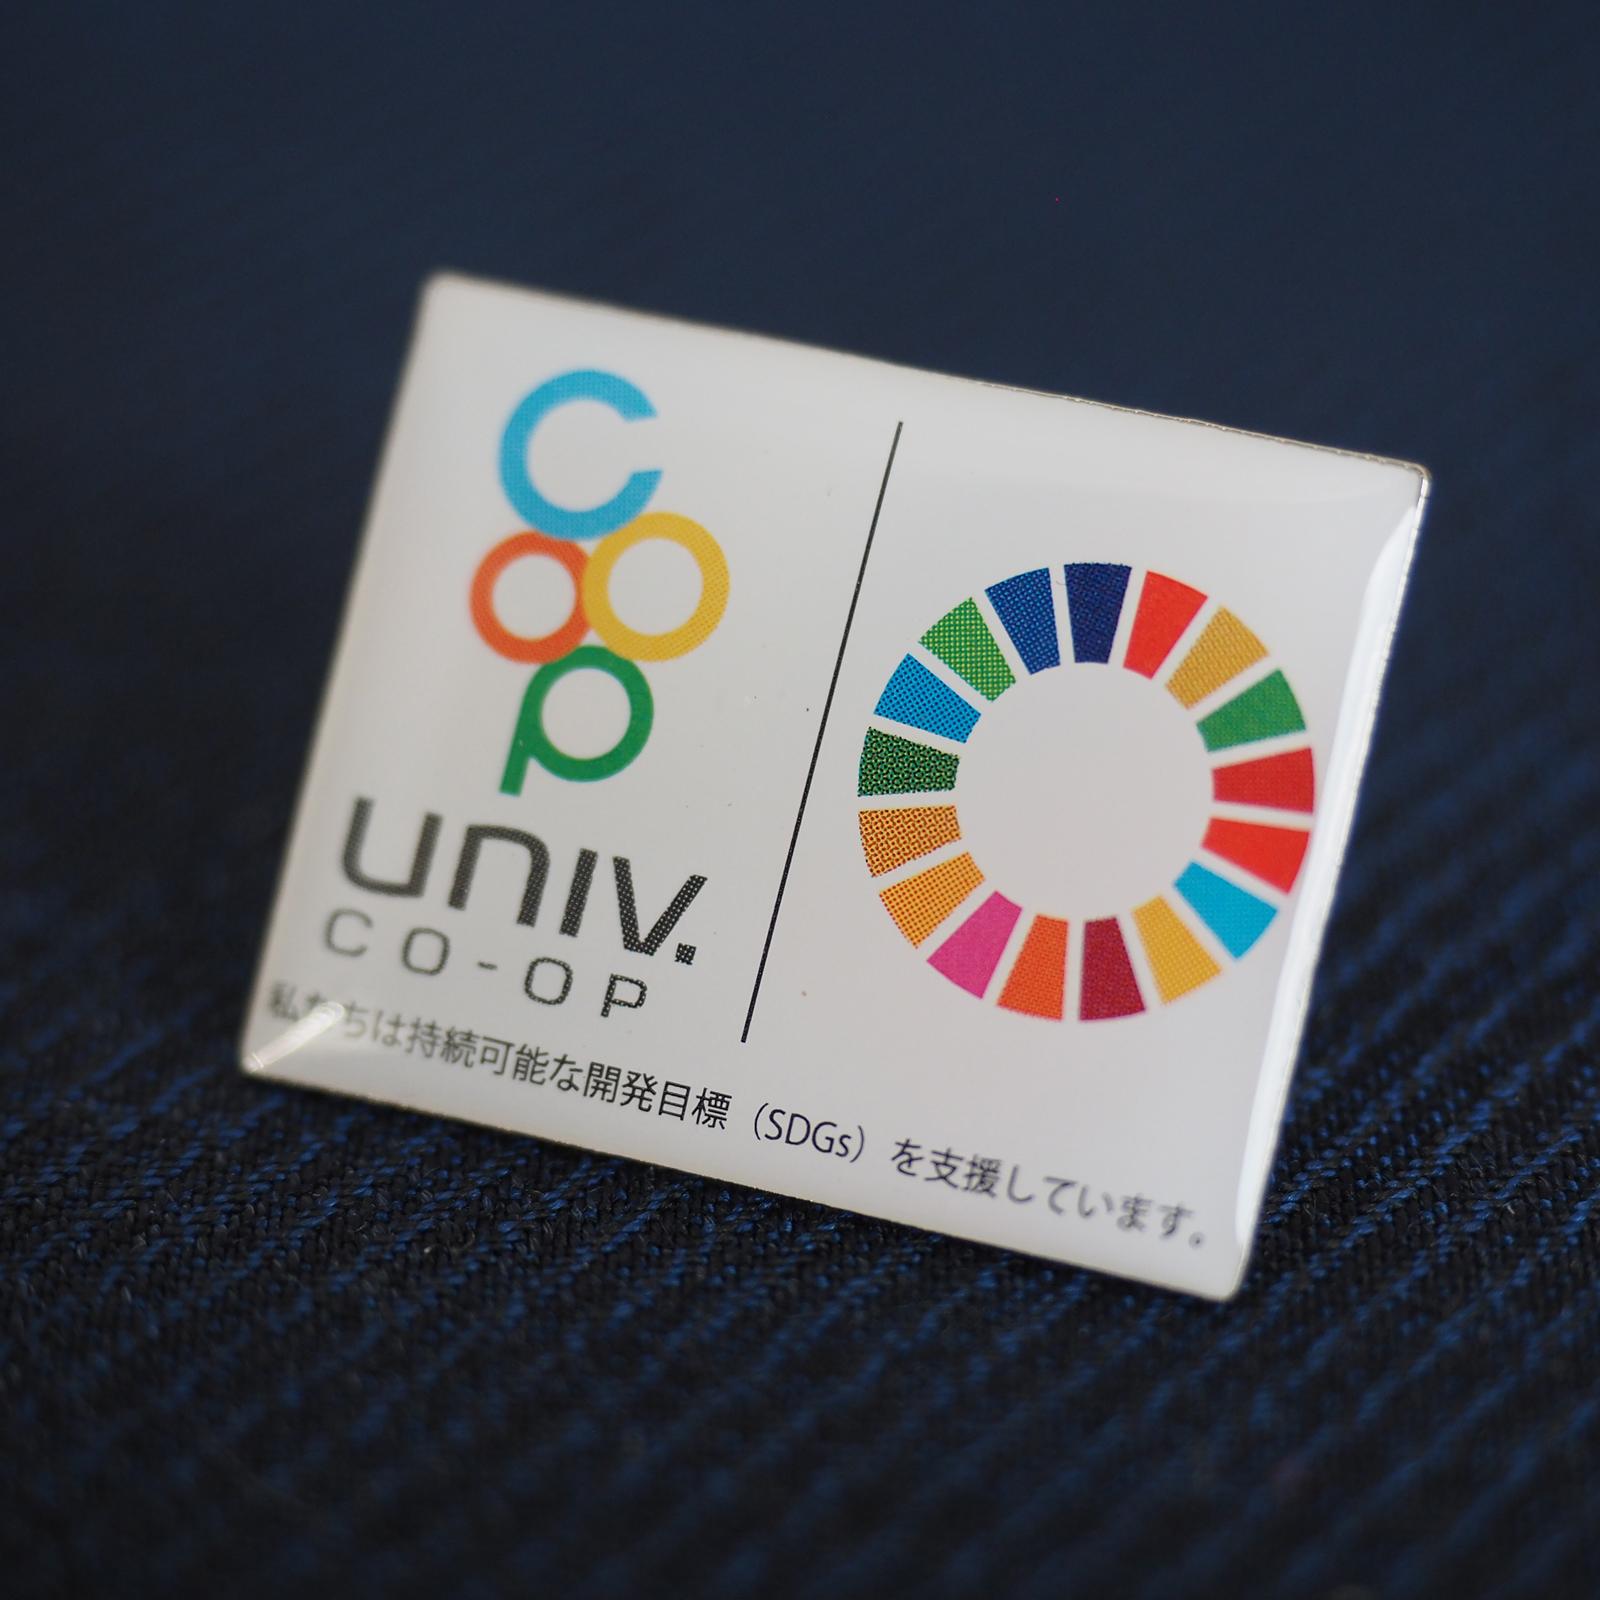 SDGsロゴ コラボバッジ ピンバッジ オフセット印刷 イベントバッジ制作 ピンバッジ制作